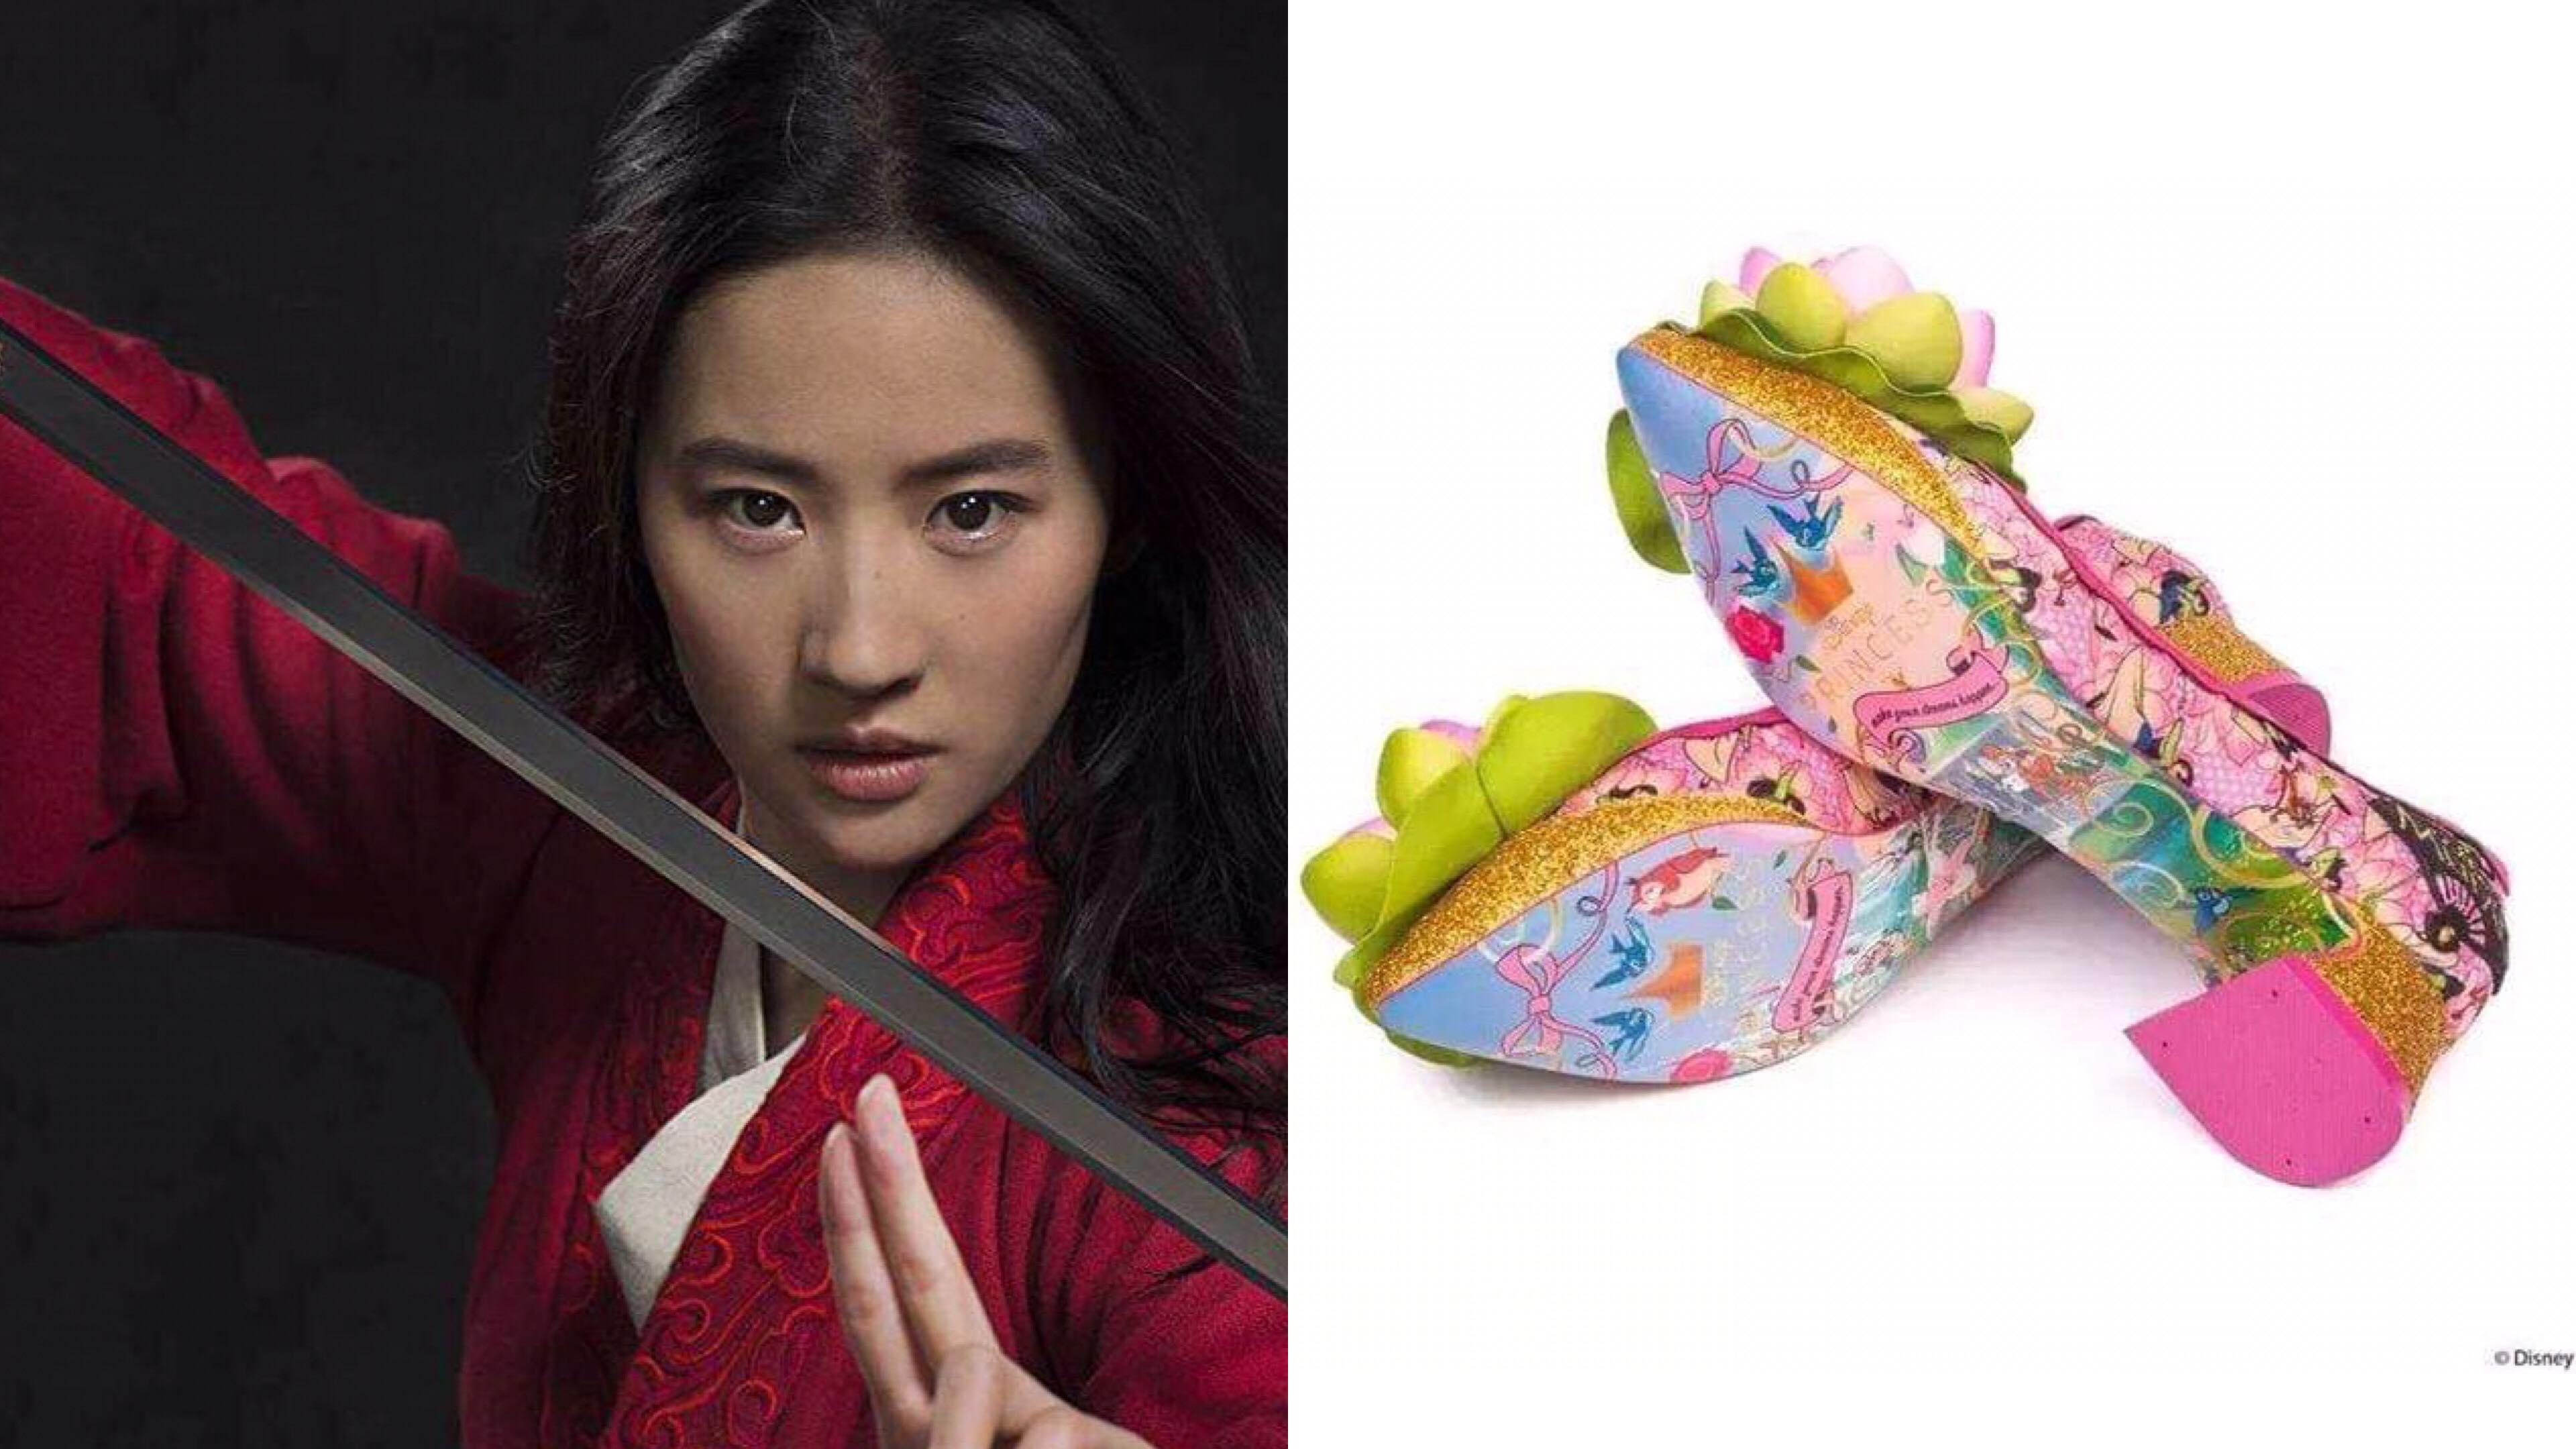 醜到哭!迪士尼聯名出了一系列「花木蘭高跟鞋」,網友瘋狂吐槽「這是壽鞋嗎?」 – 我們用電影寫日記